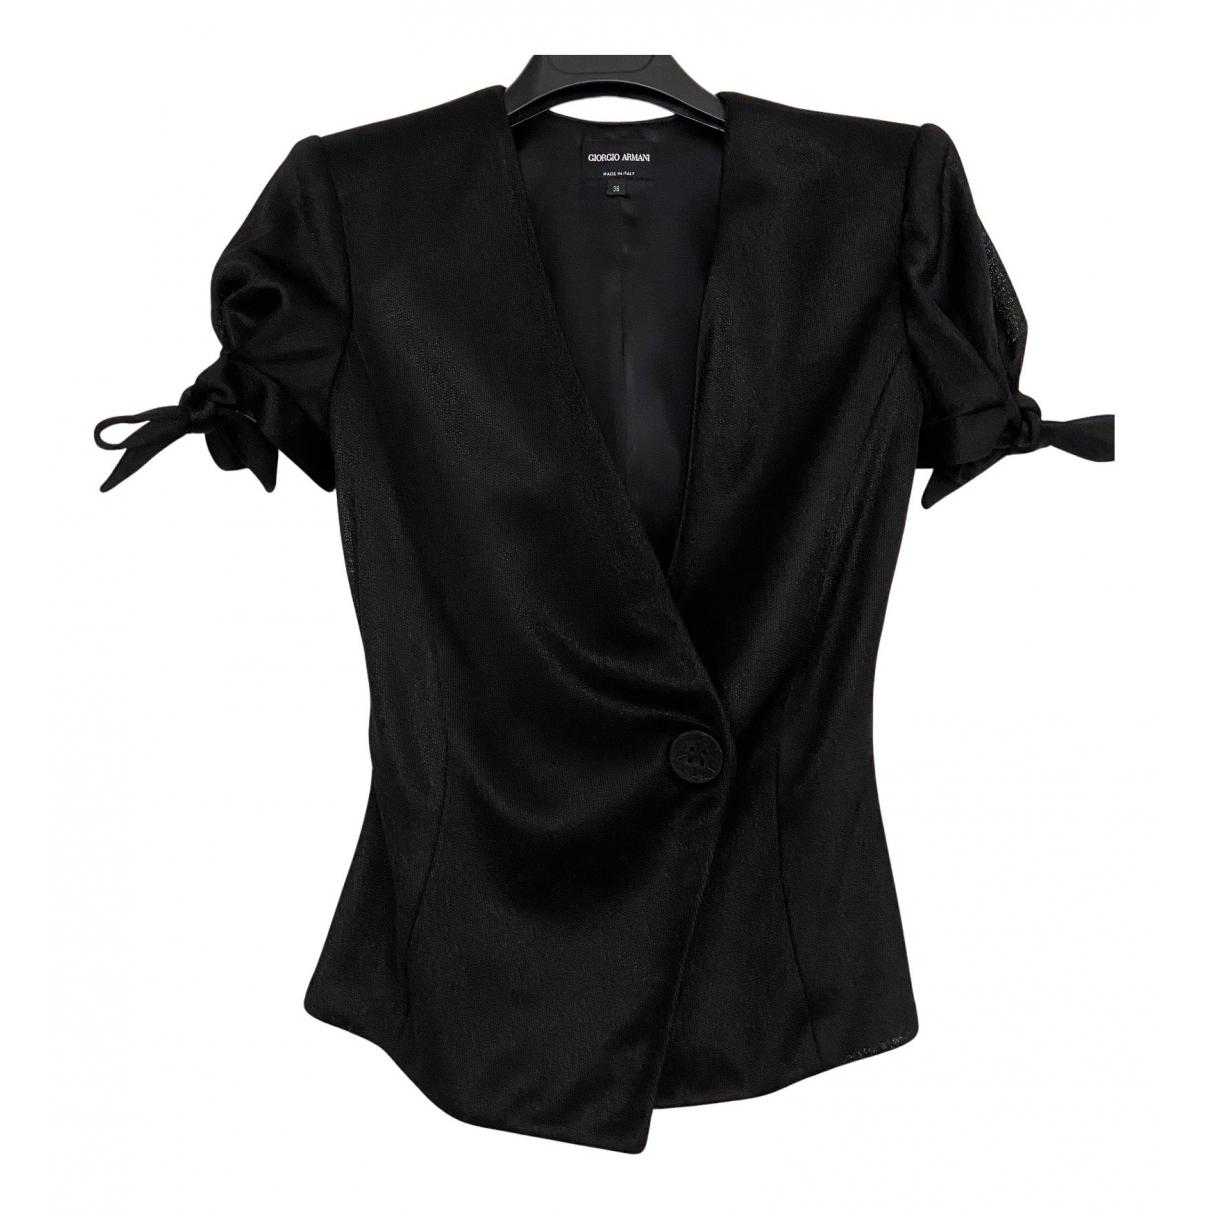 Giorgio Armani - Veste   pour femme en soie - noir